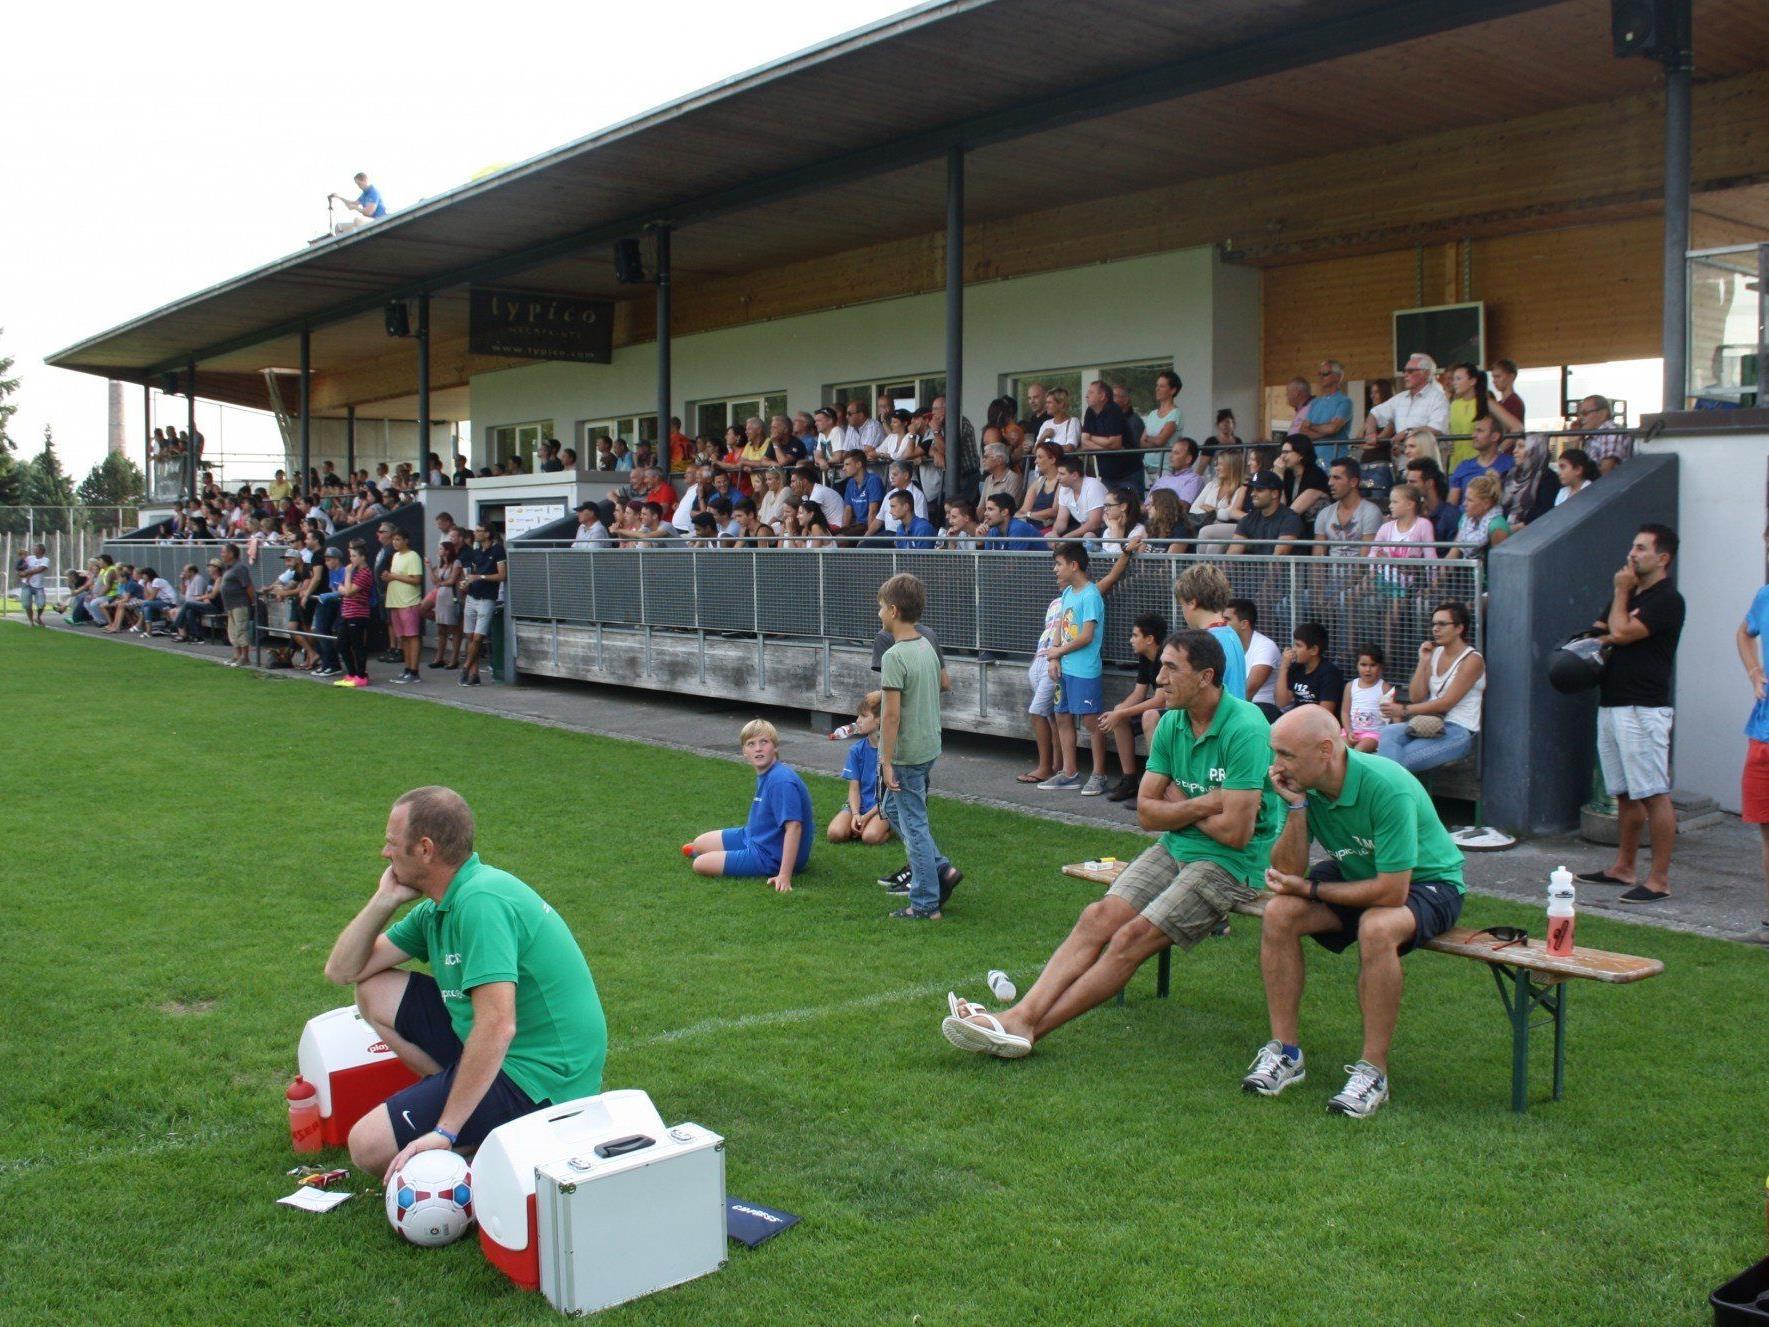 Trotz Sieg konnten die Lochauer Betreuerbank und die zahlreichen Zuschauer mit dem 1:0 nicht ganz zufrieden sein.